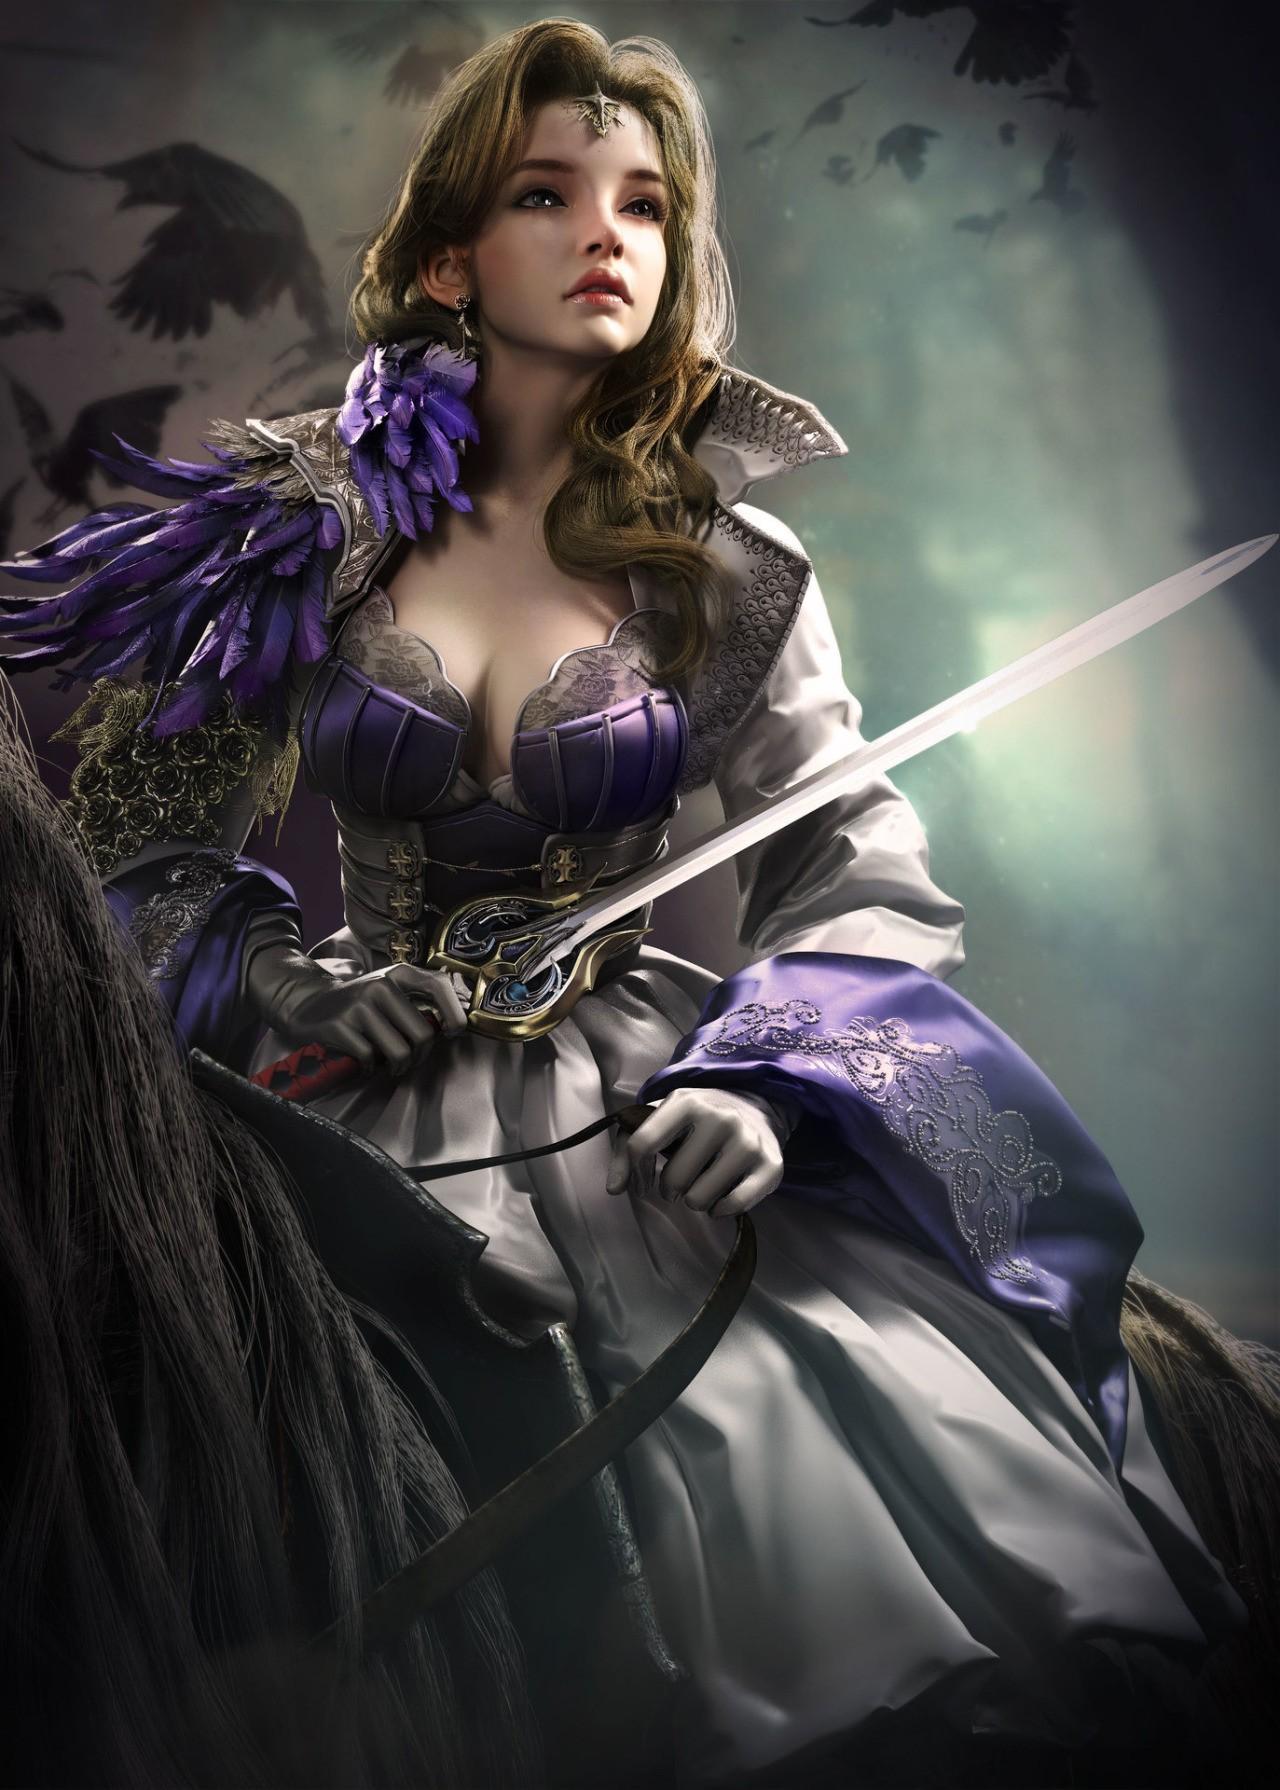 Картинка фэнтези девушка воин